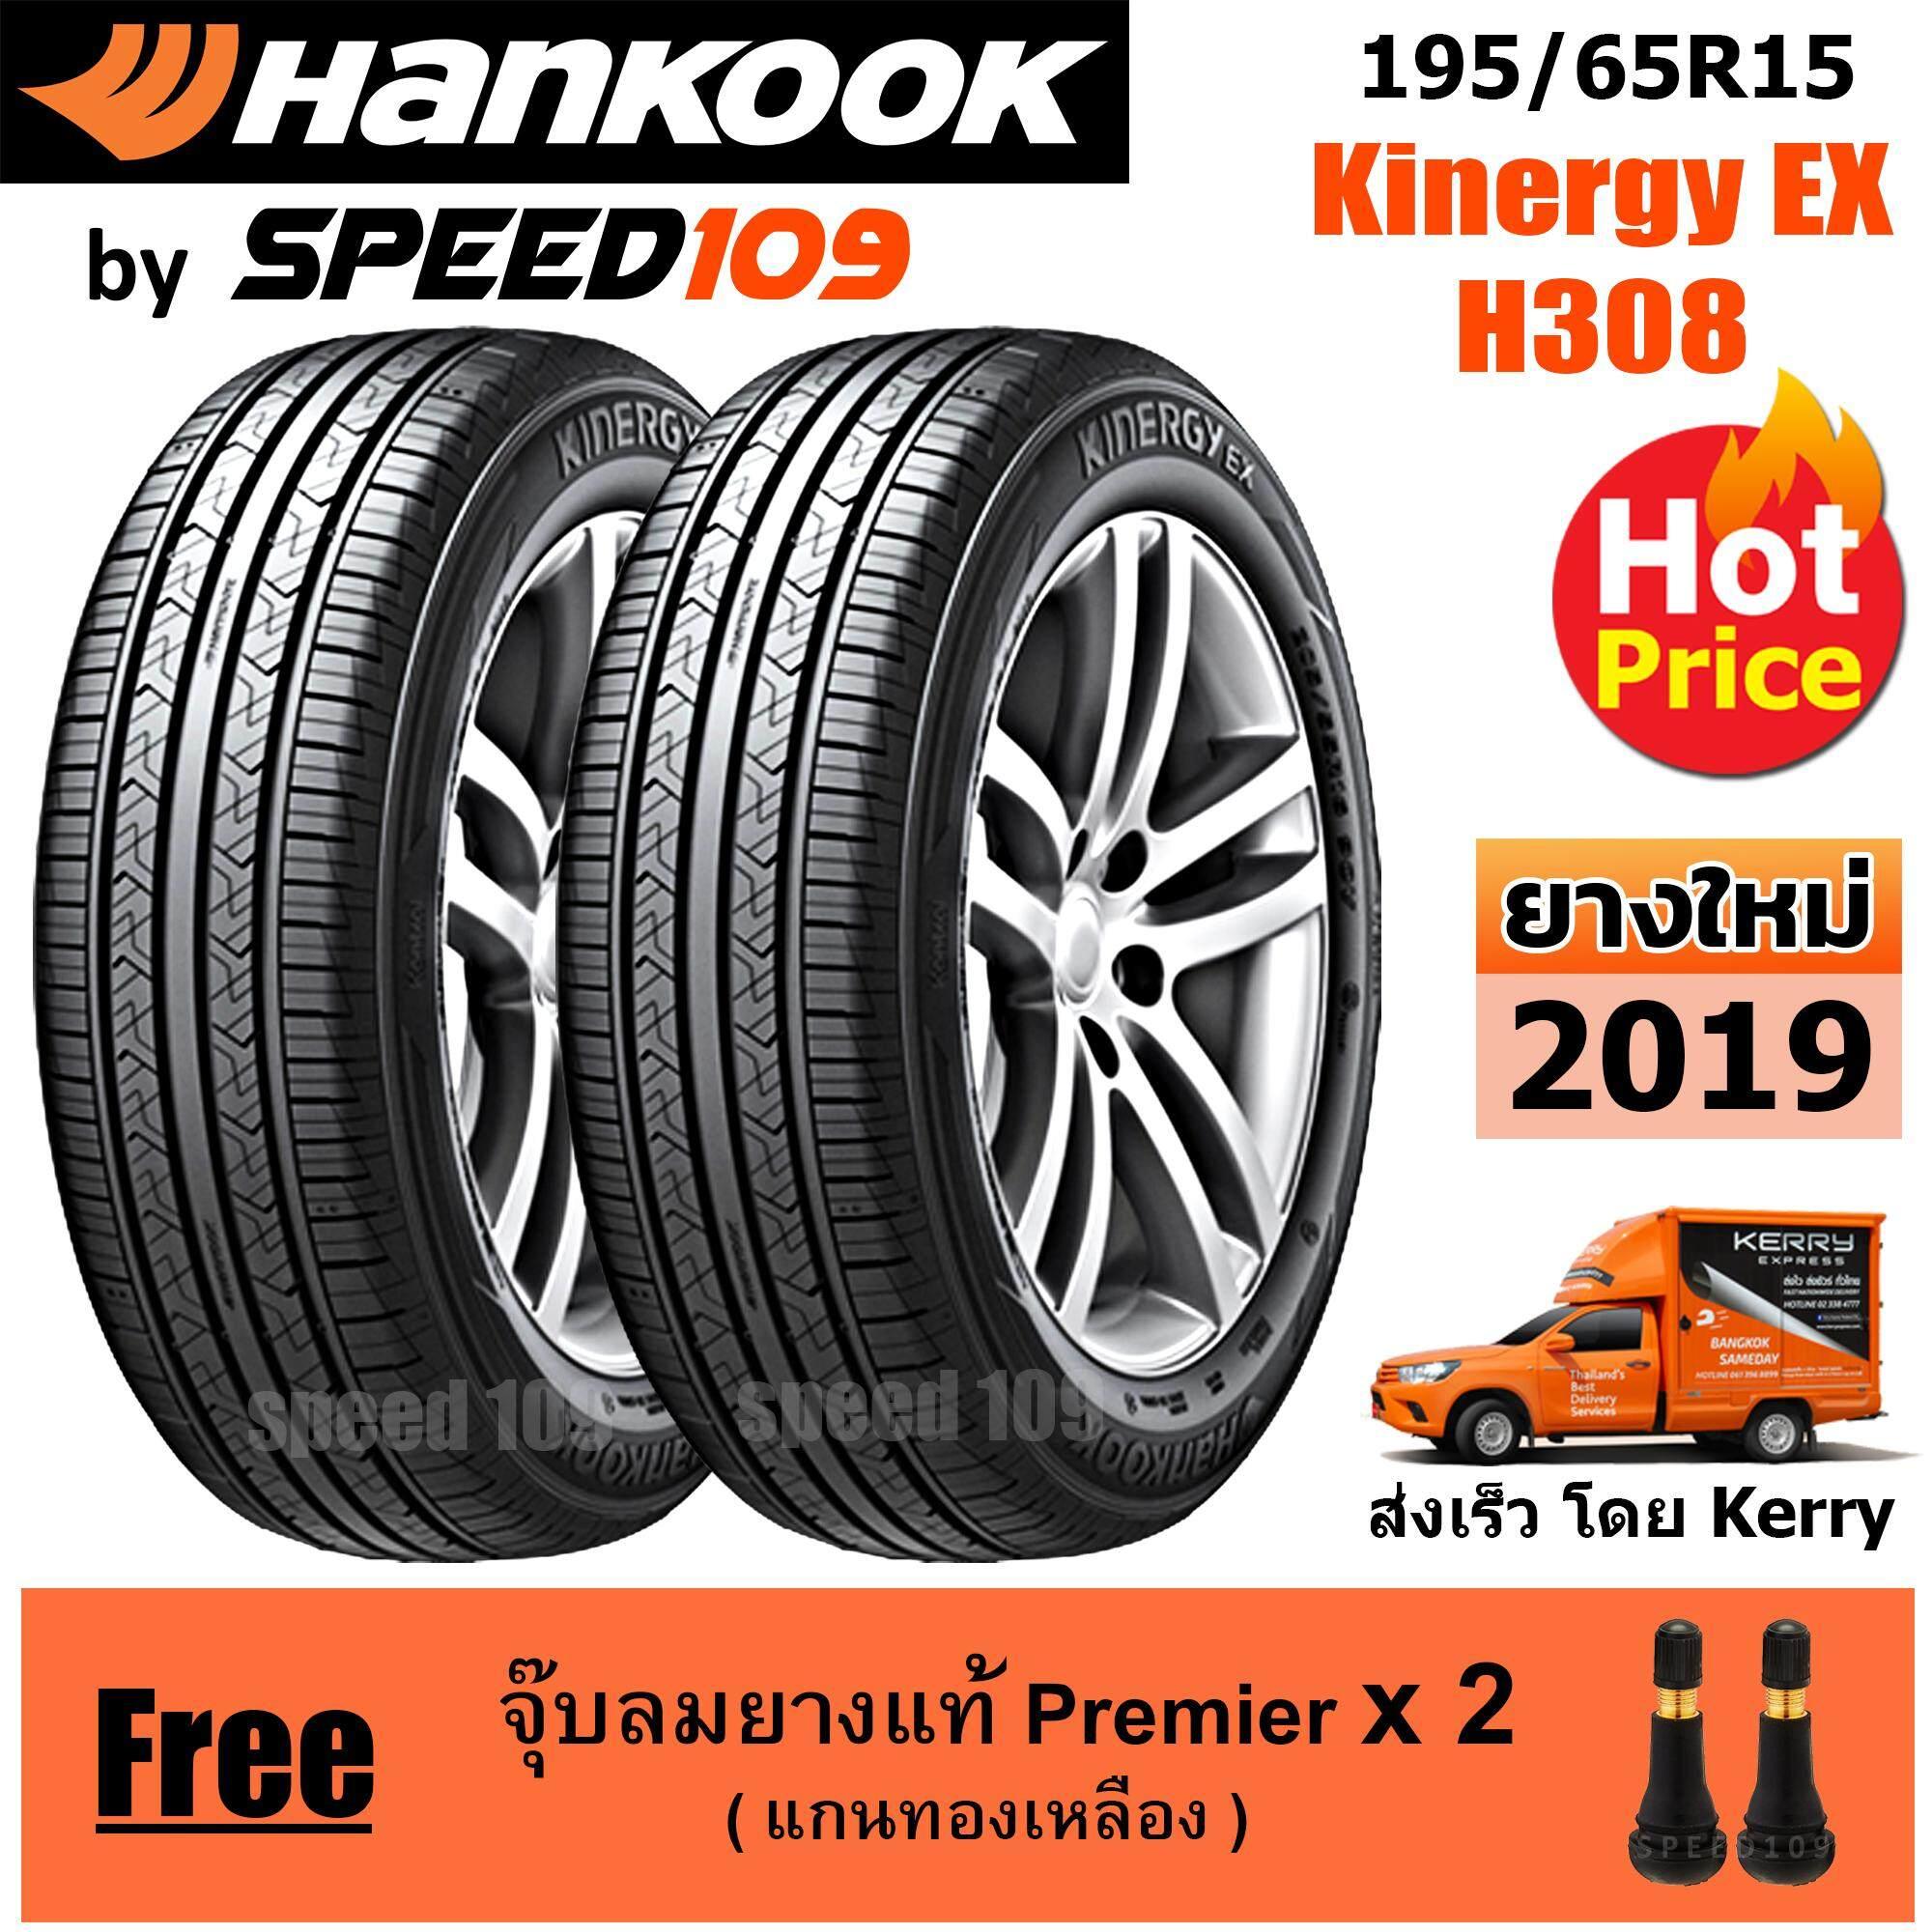 ประกันภัย รถยนต์ 2+ ชัยภูมิ HANKOOK ยางรถยนต์ ขอบ 15 ขนาด 195/65R15 รุ่น Kinergy EX H308 - 2 เส้น (ปี 2019)